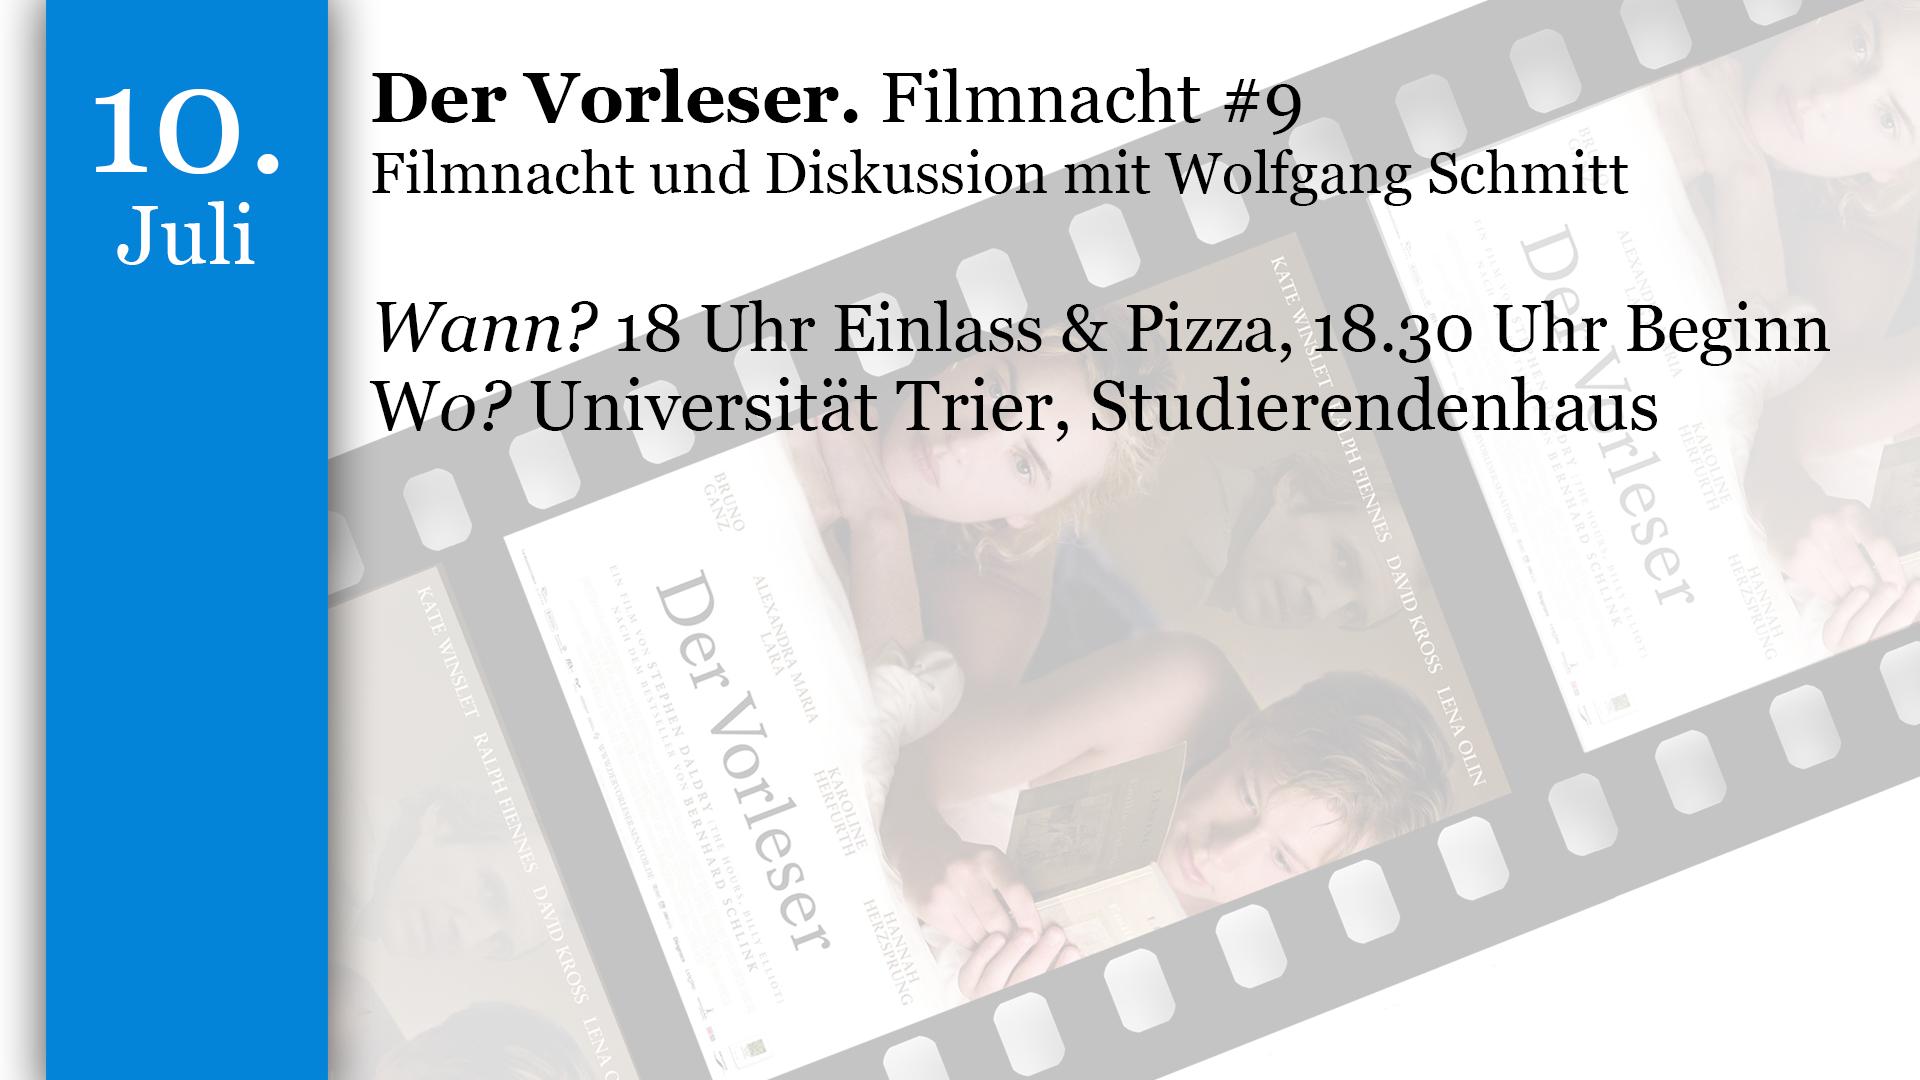 Filmnacht-#9